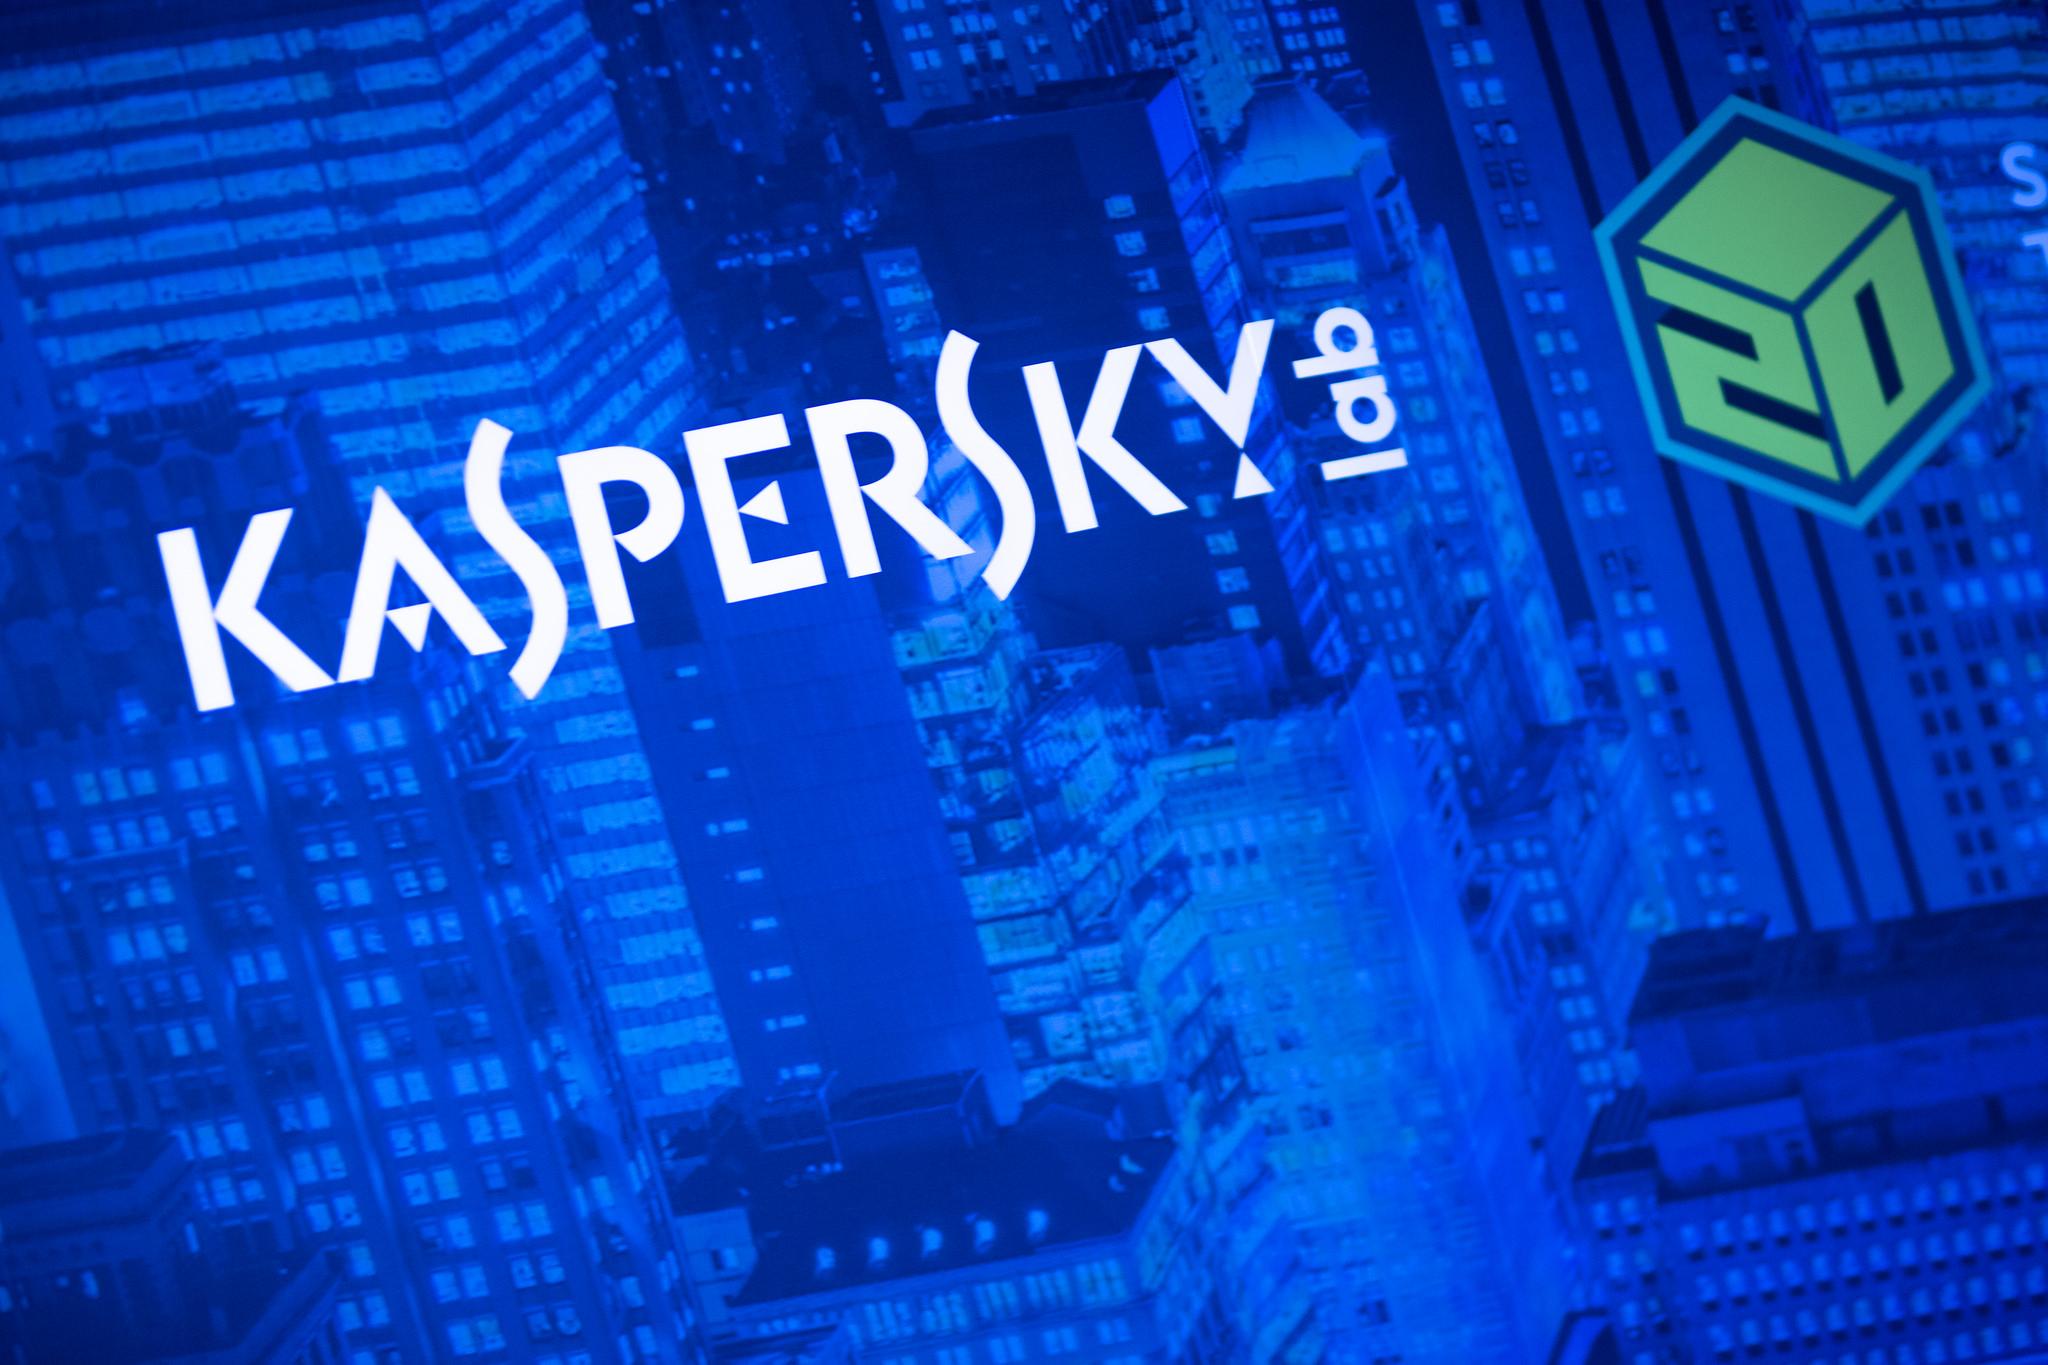 Spectateur privilégié du retour du protectionnisme, Kaspersky s'inquiète d'une «balkanisation» du cyber-espace